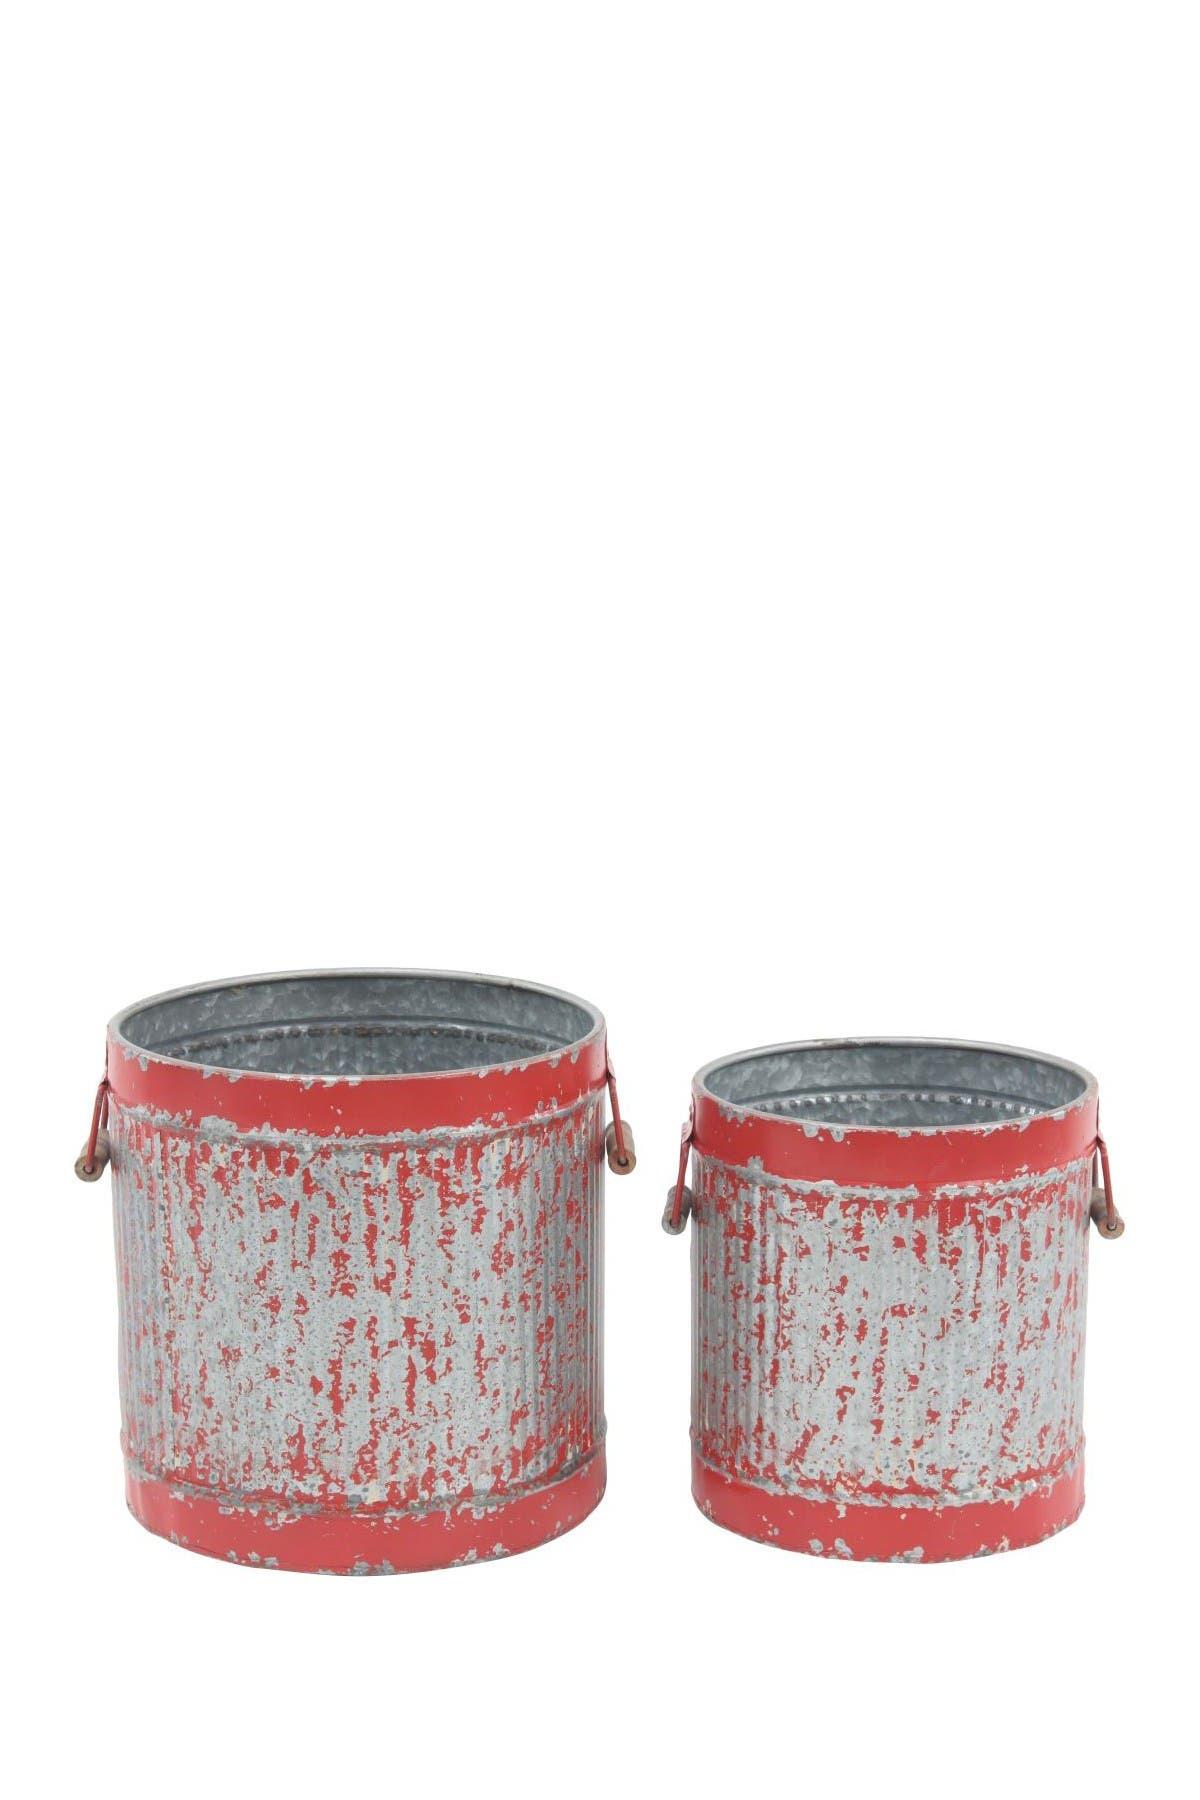 Image of Willow Row Red Farmhouse Distress Round Iron Planter - Set of 2